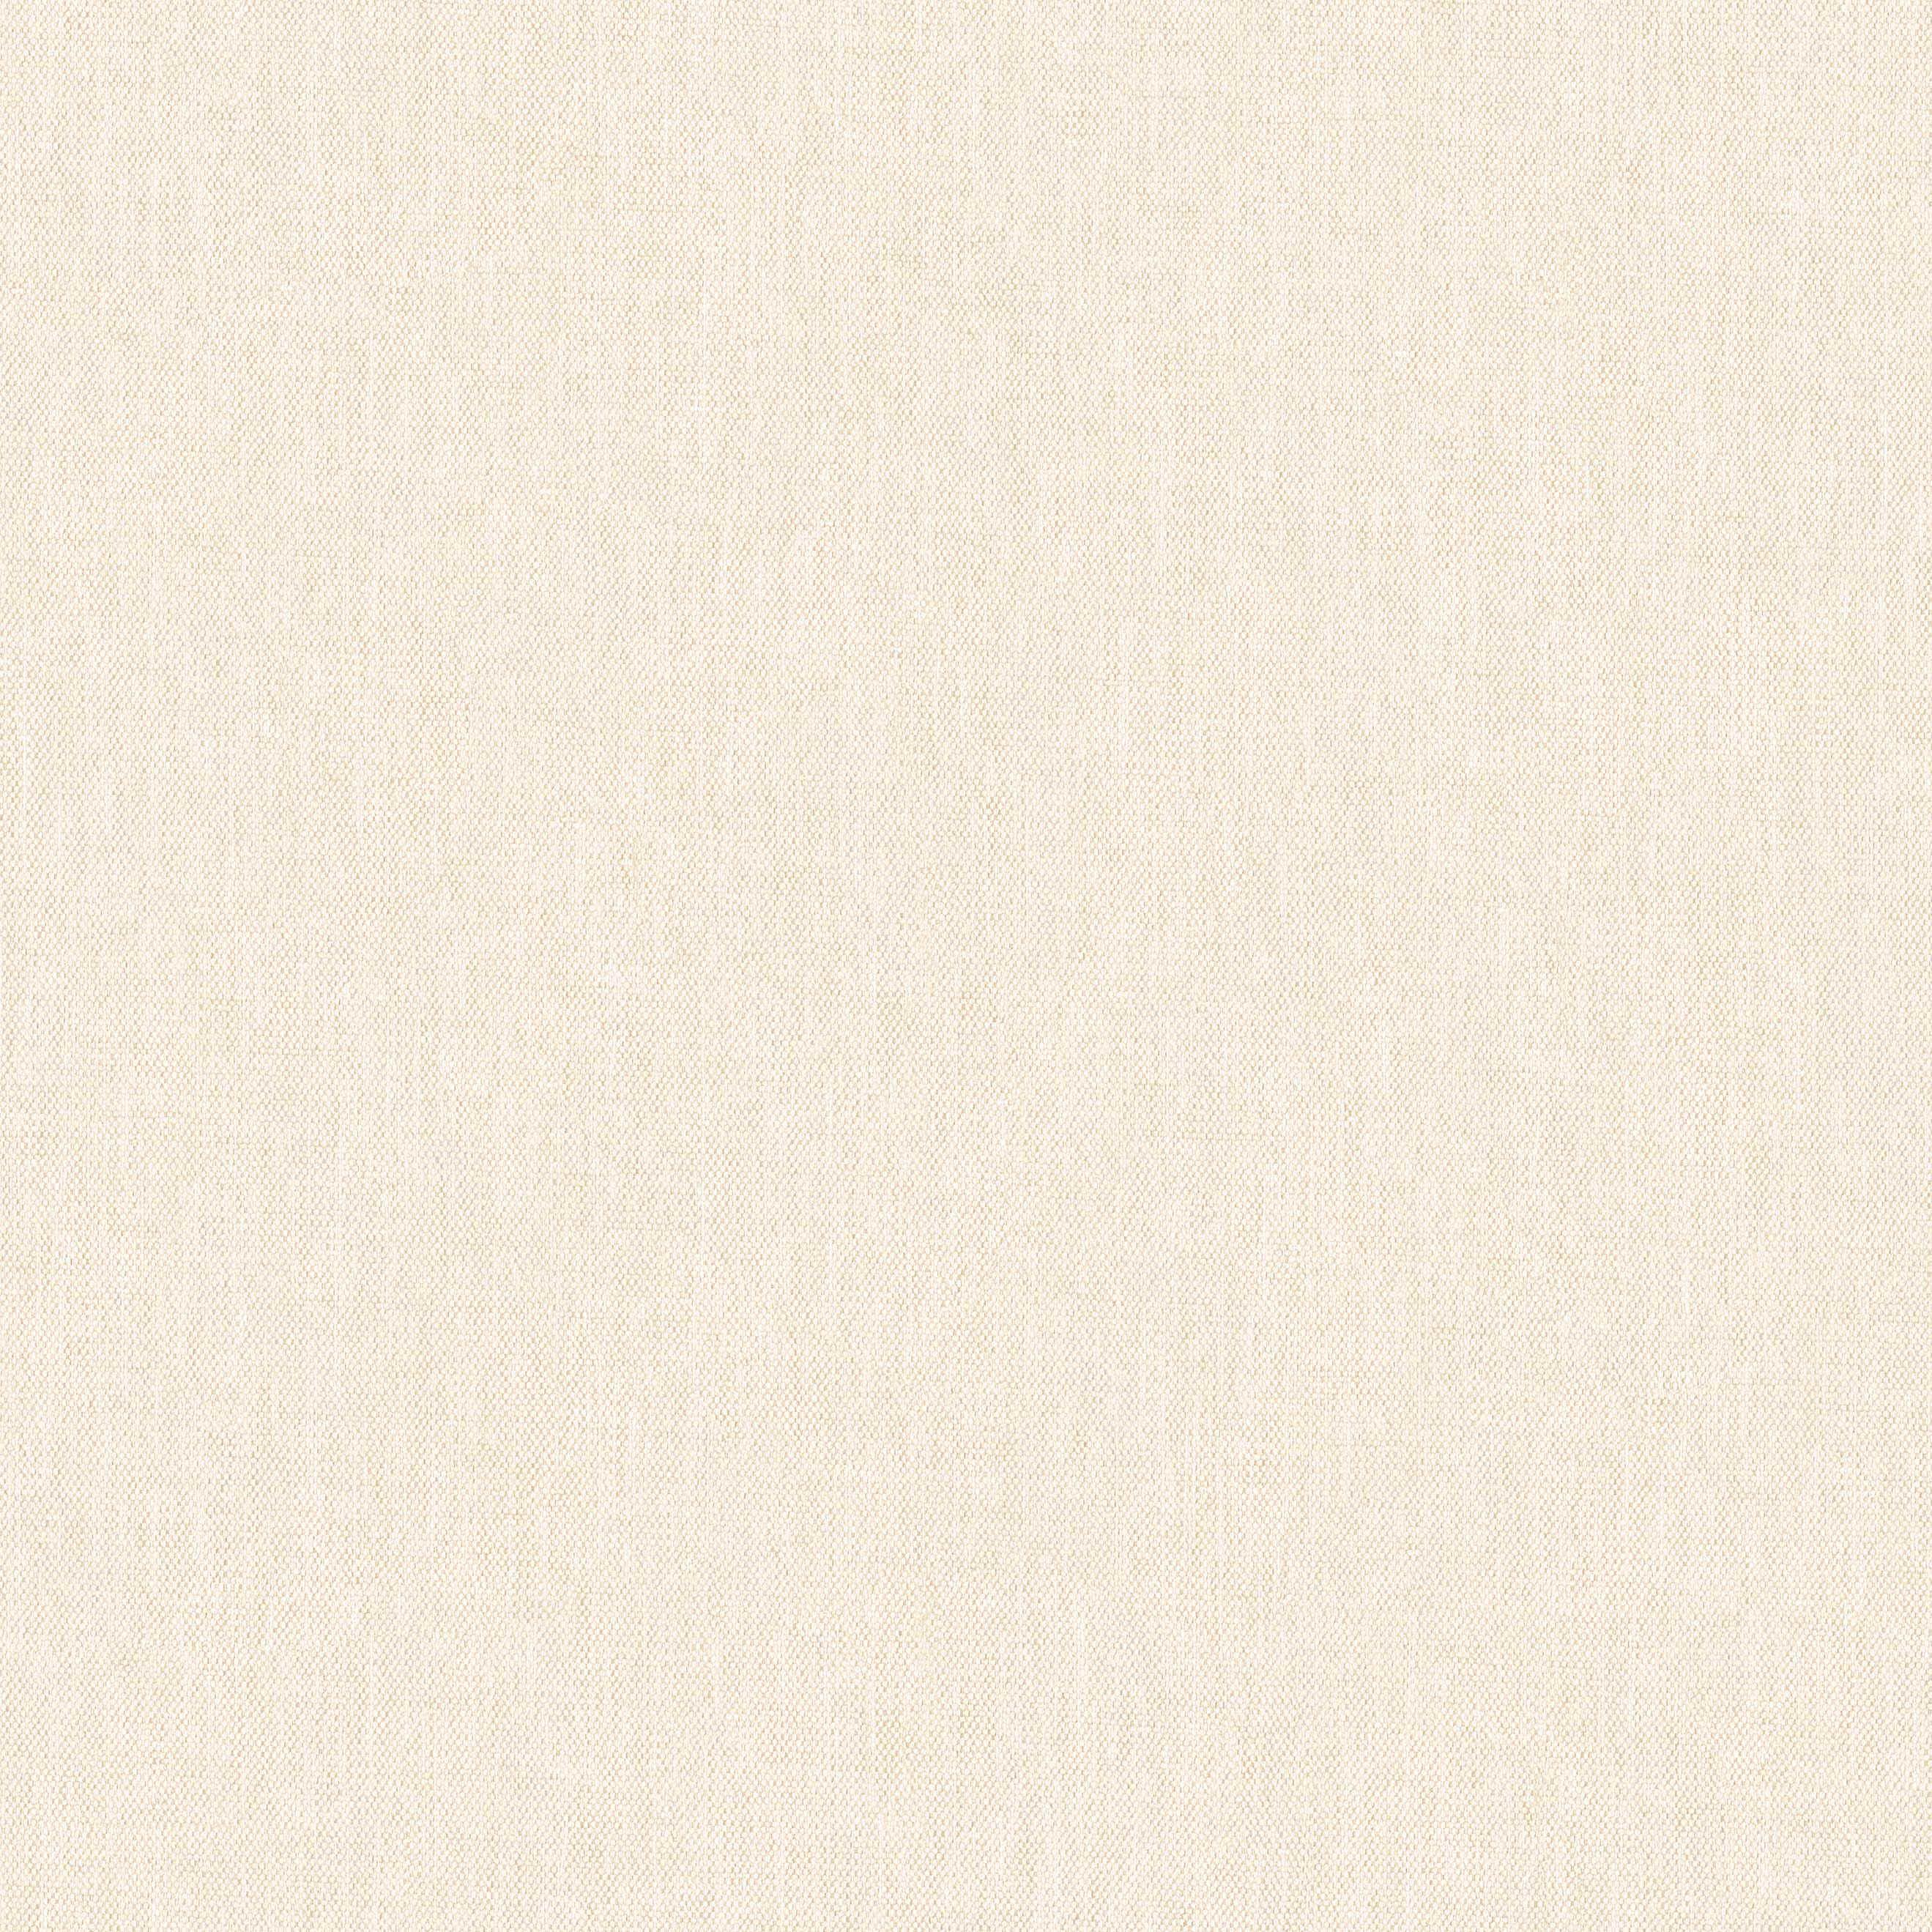 宏宇陶瓷-莱斯特HEG60082